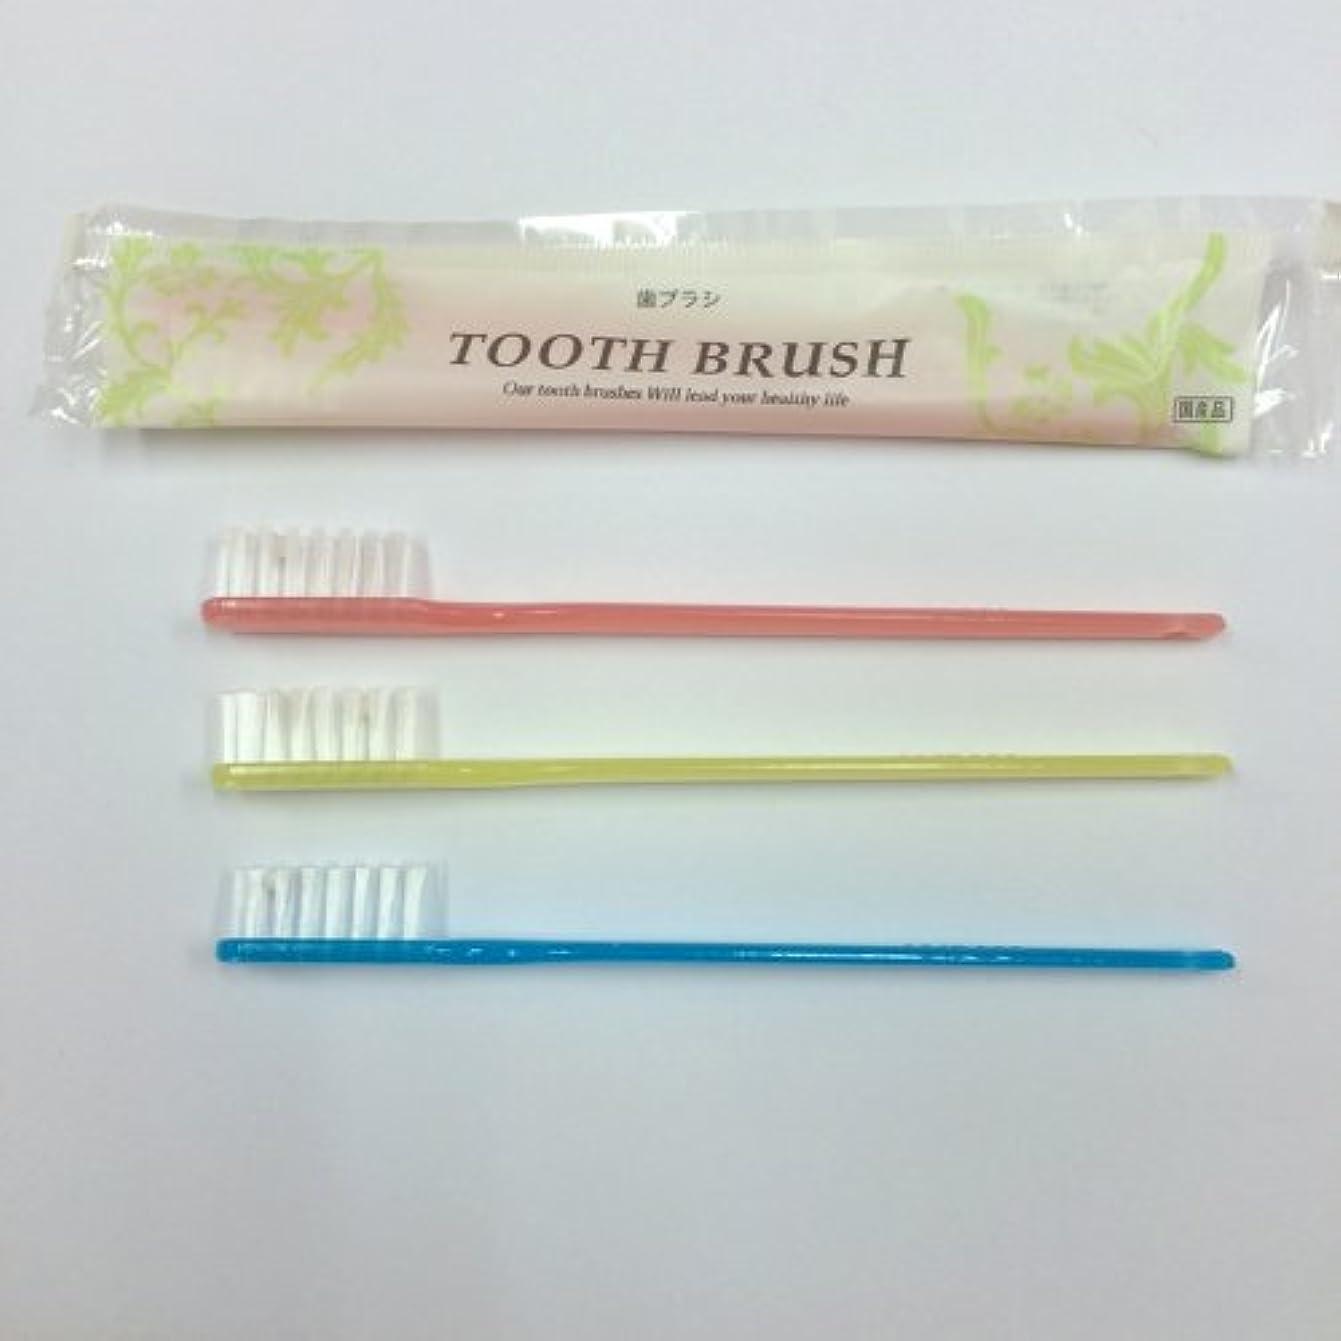 スコア花に水をやる印をつけるインスタント歯ブラシ 3色アソート(ピンク?ブルー?イエロー) 200本